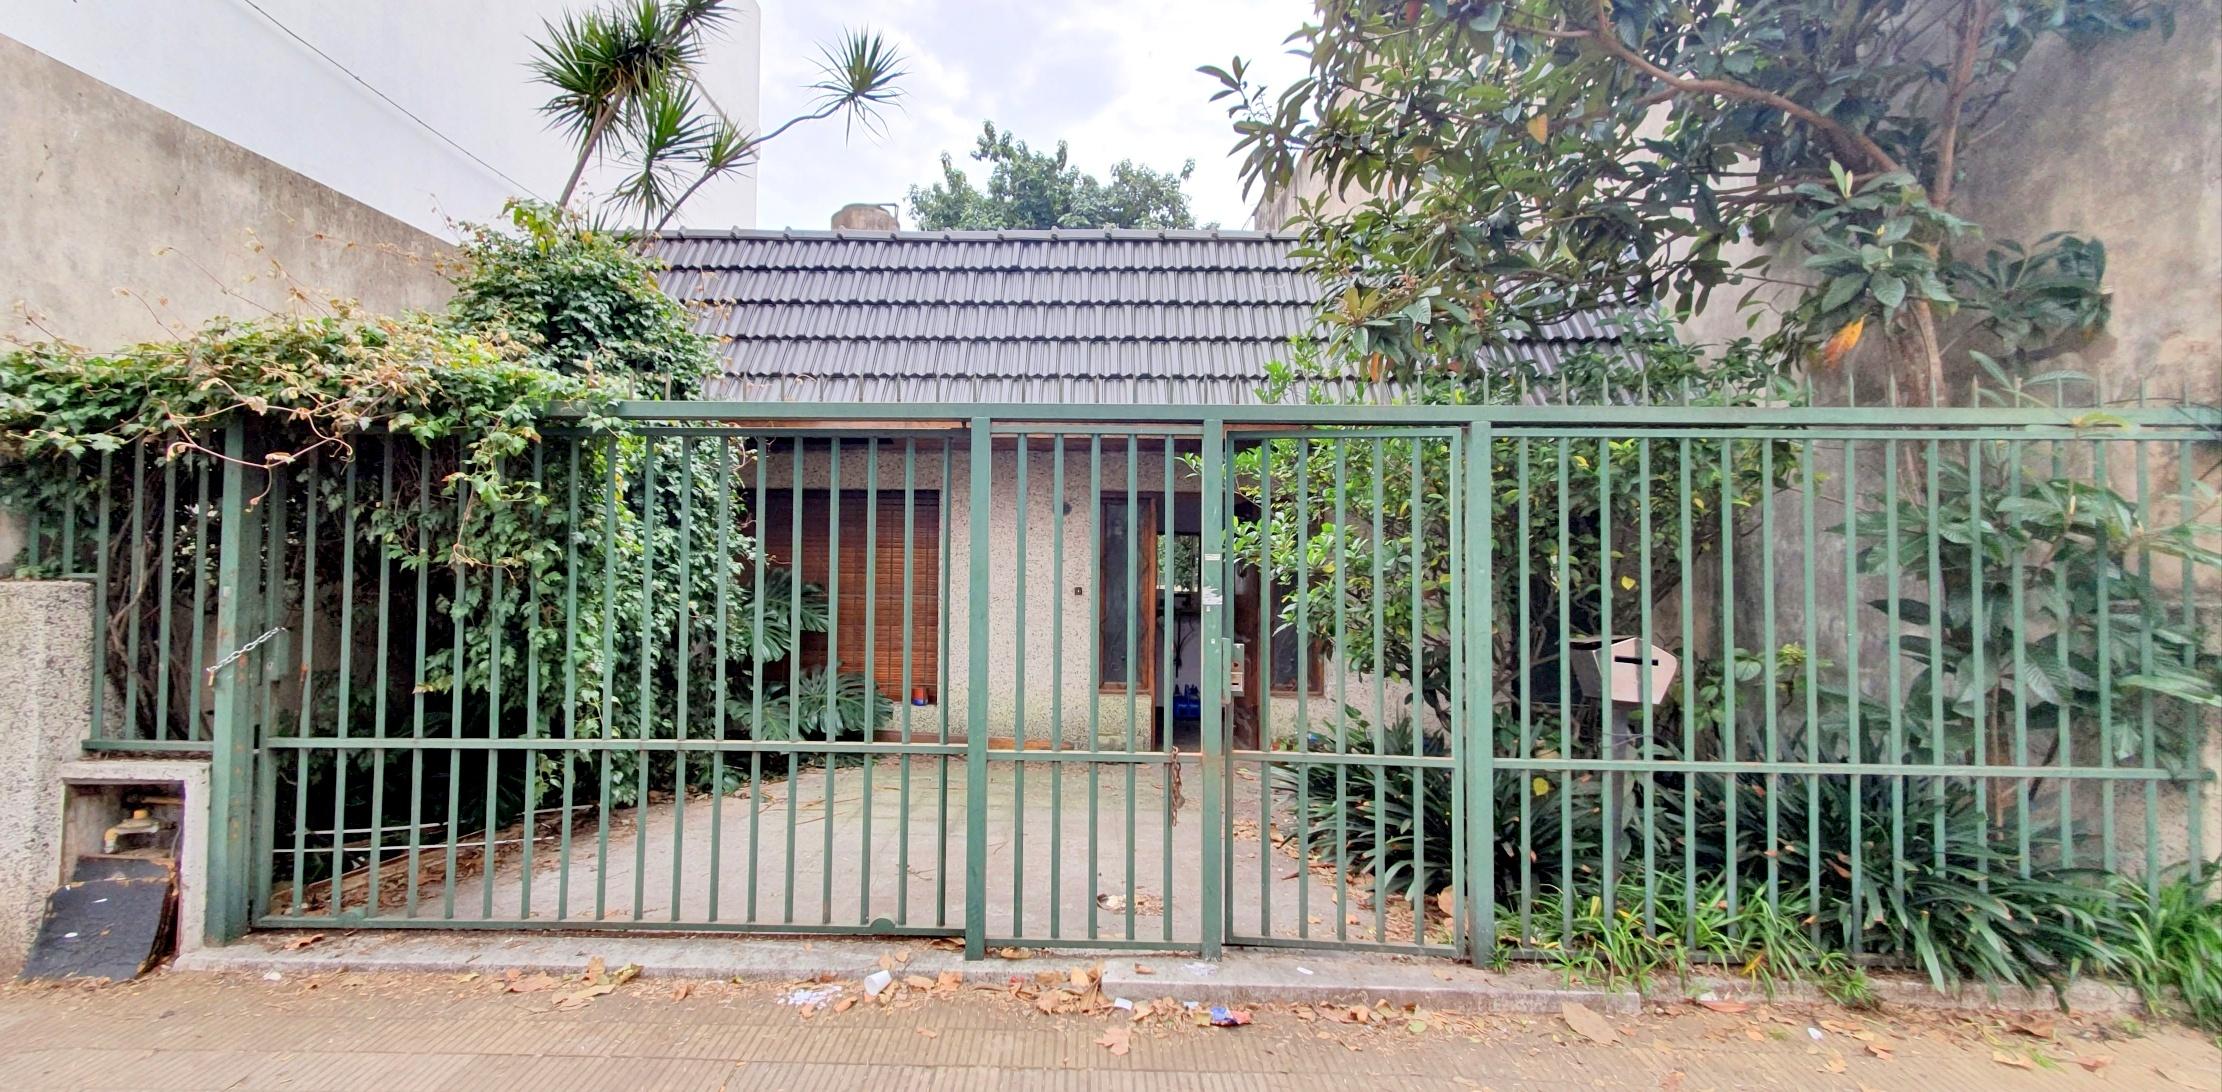 Lote de 8,66x28m Ideal Para Duplex o Refaccionar – Alsina 1700